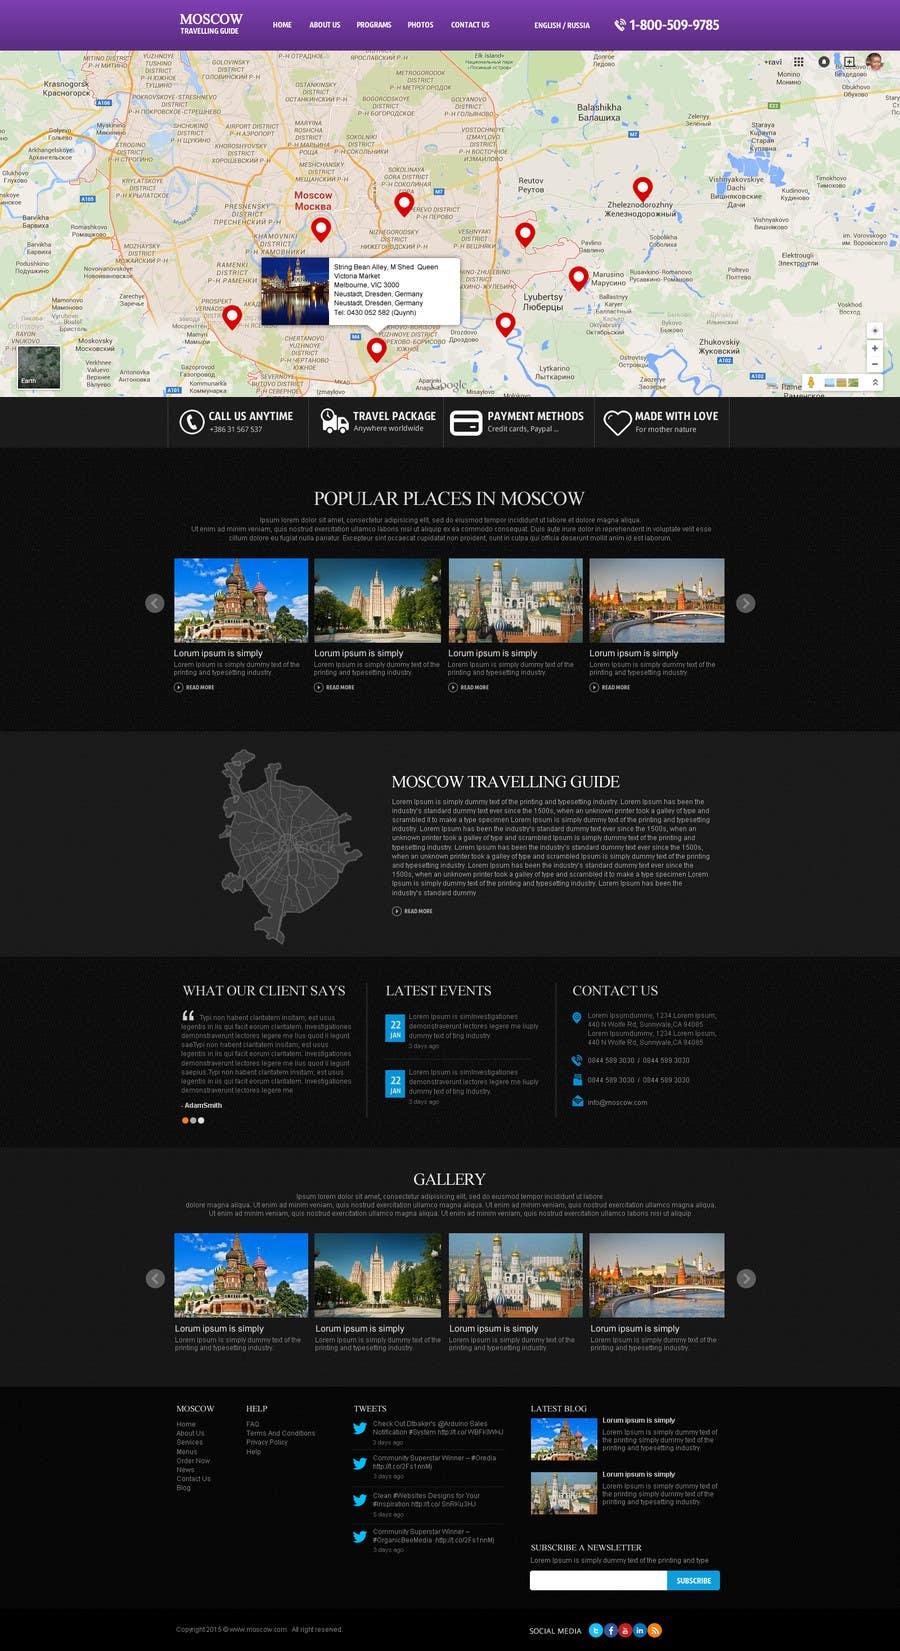 Konkurrenceindlæg #                                        9                                      for                                         Design a Website Mockup for City Travelling Guide